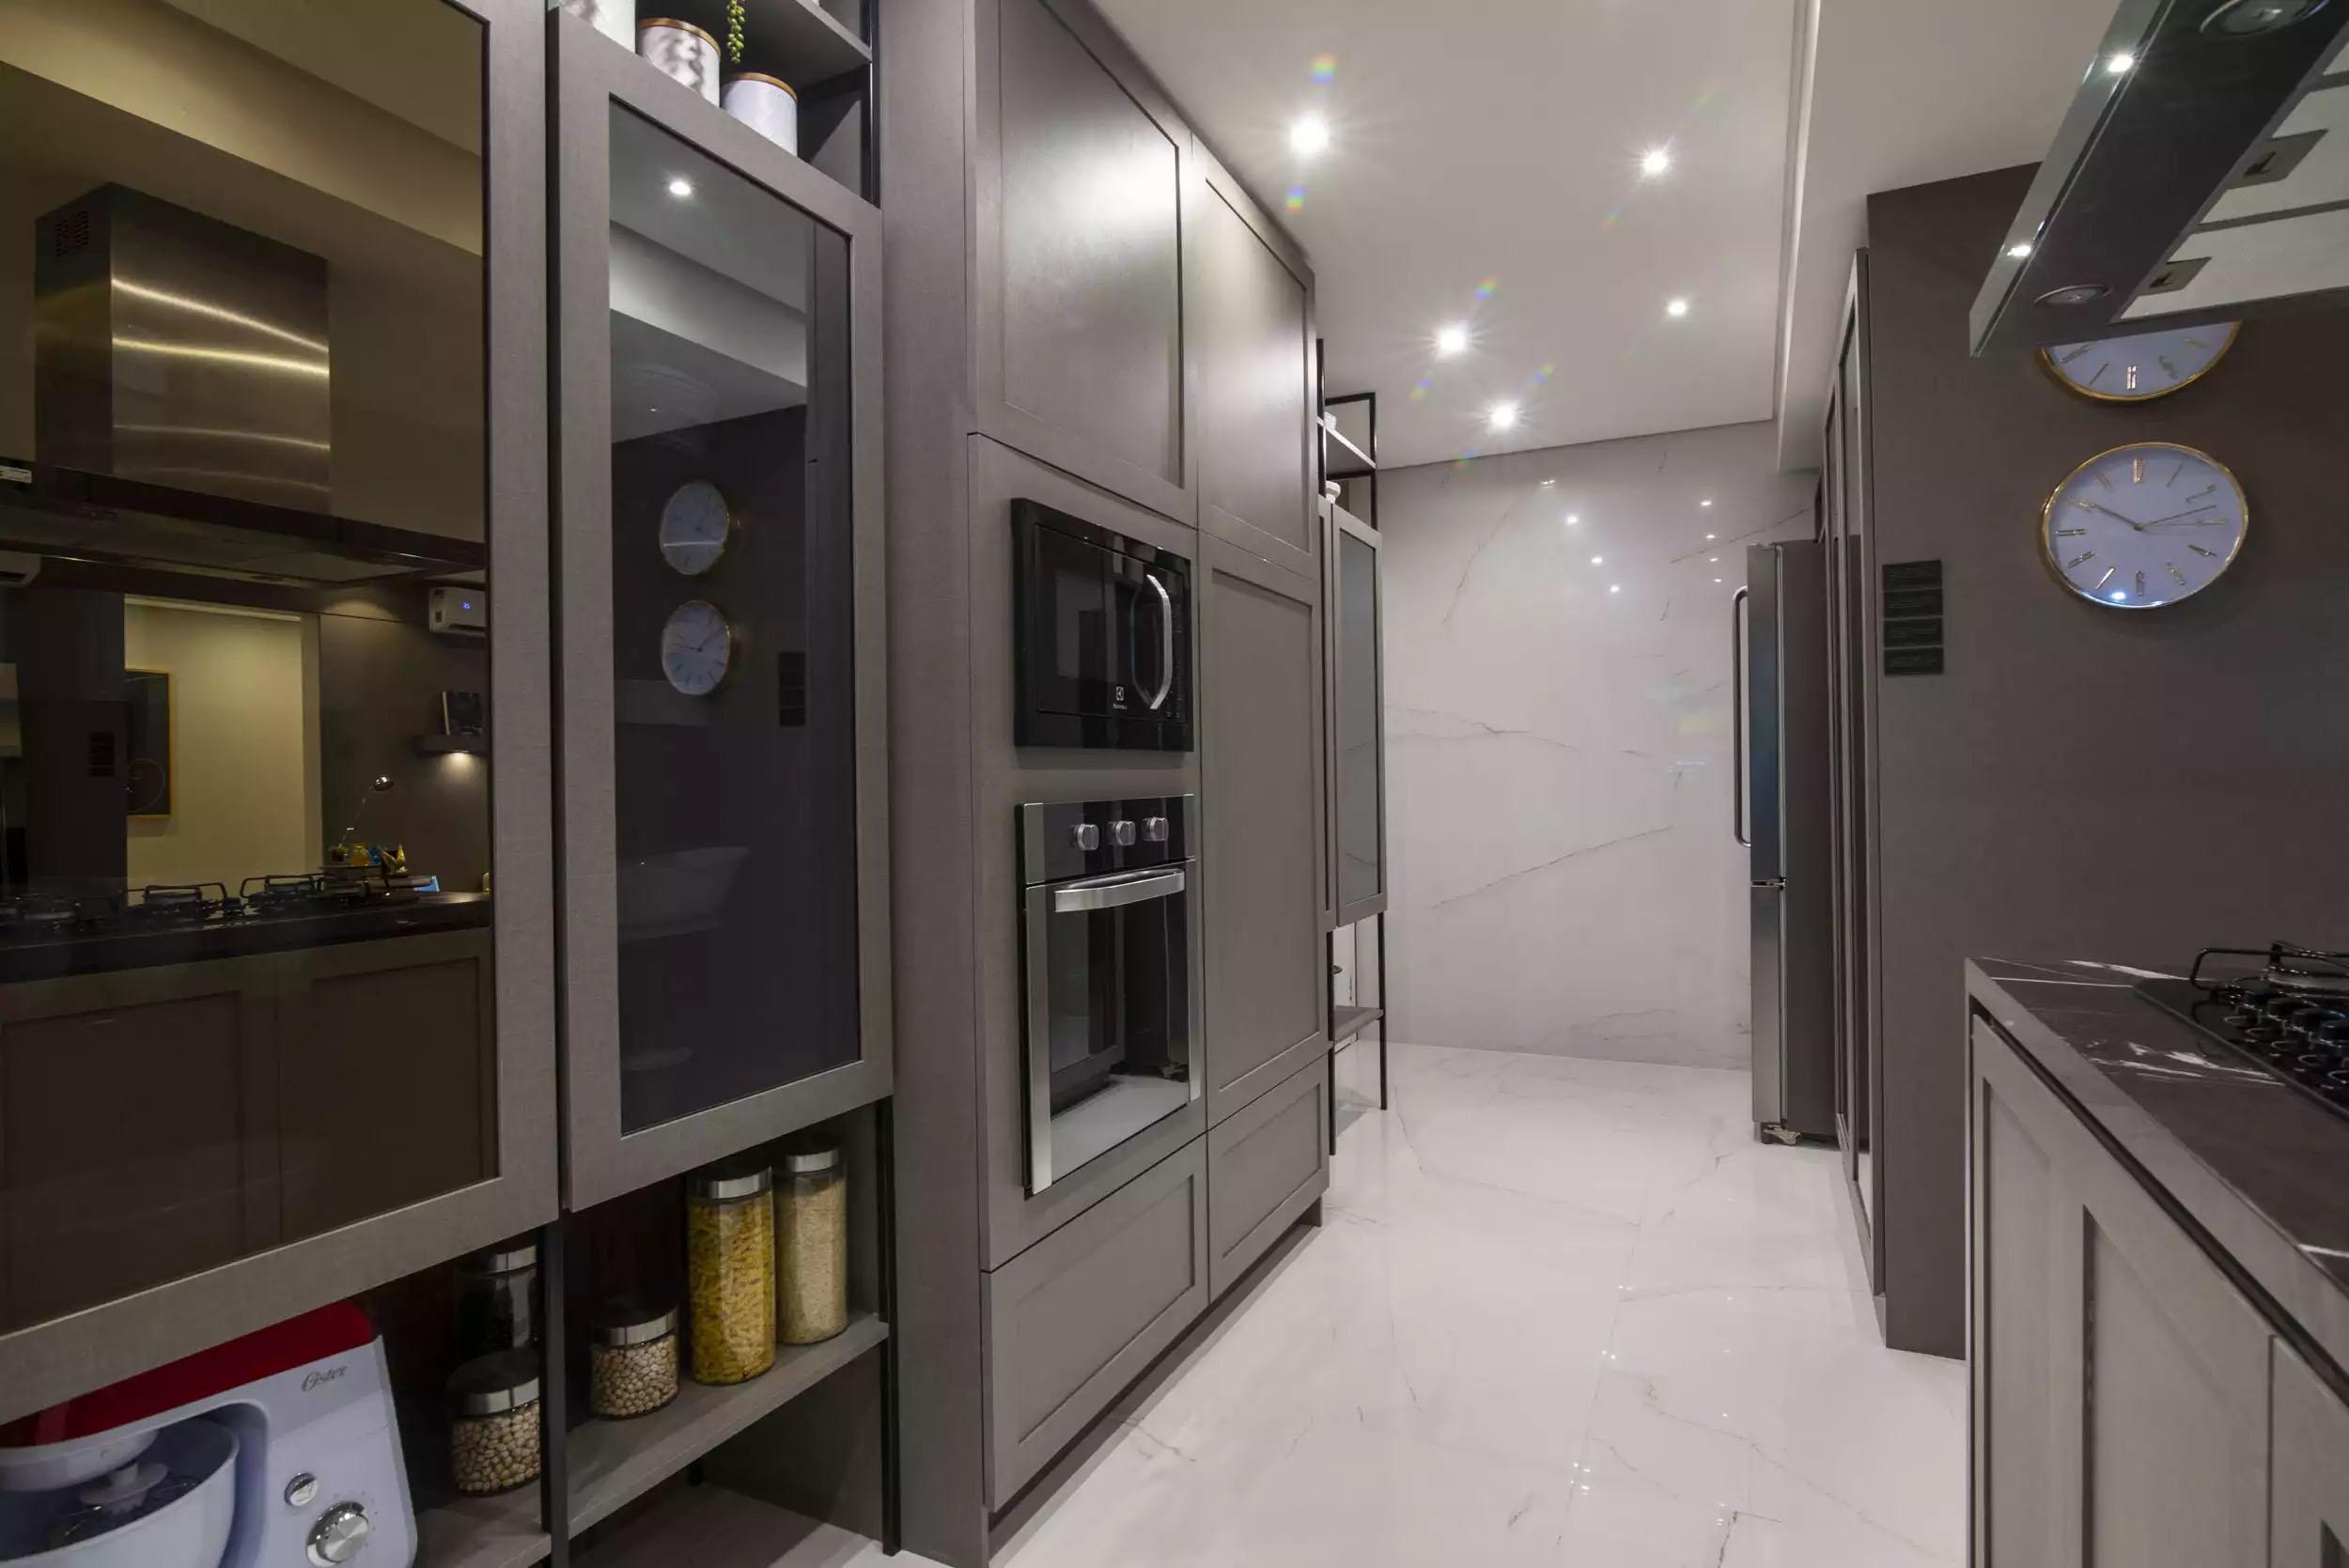 Decorado - Cozinha 1300 Jurupis